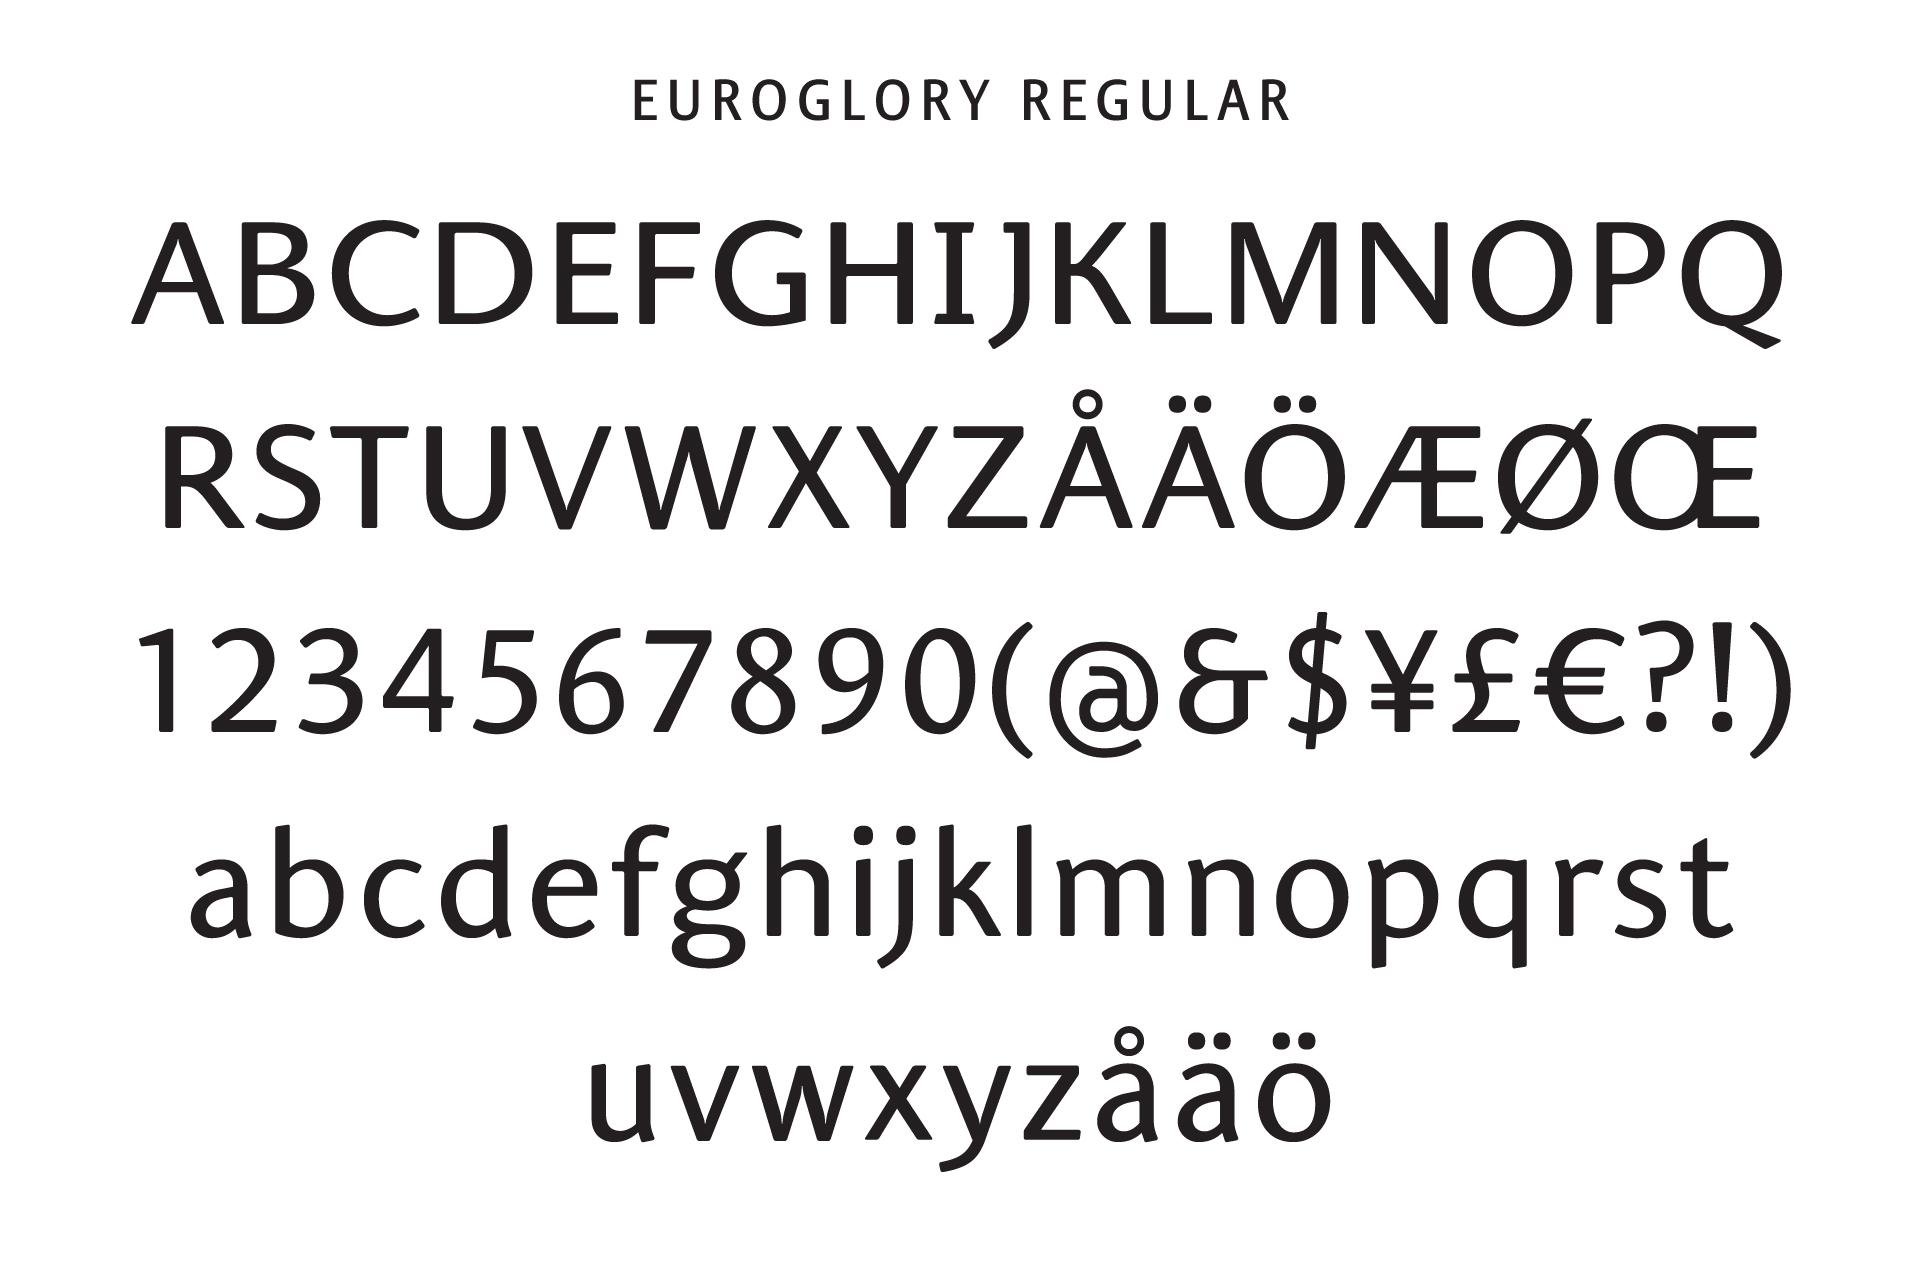 Euroglory_PAGE-4